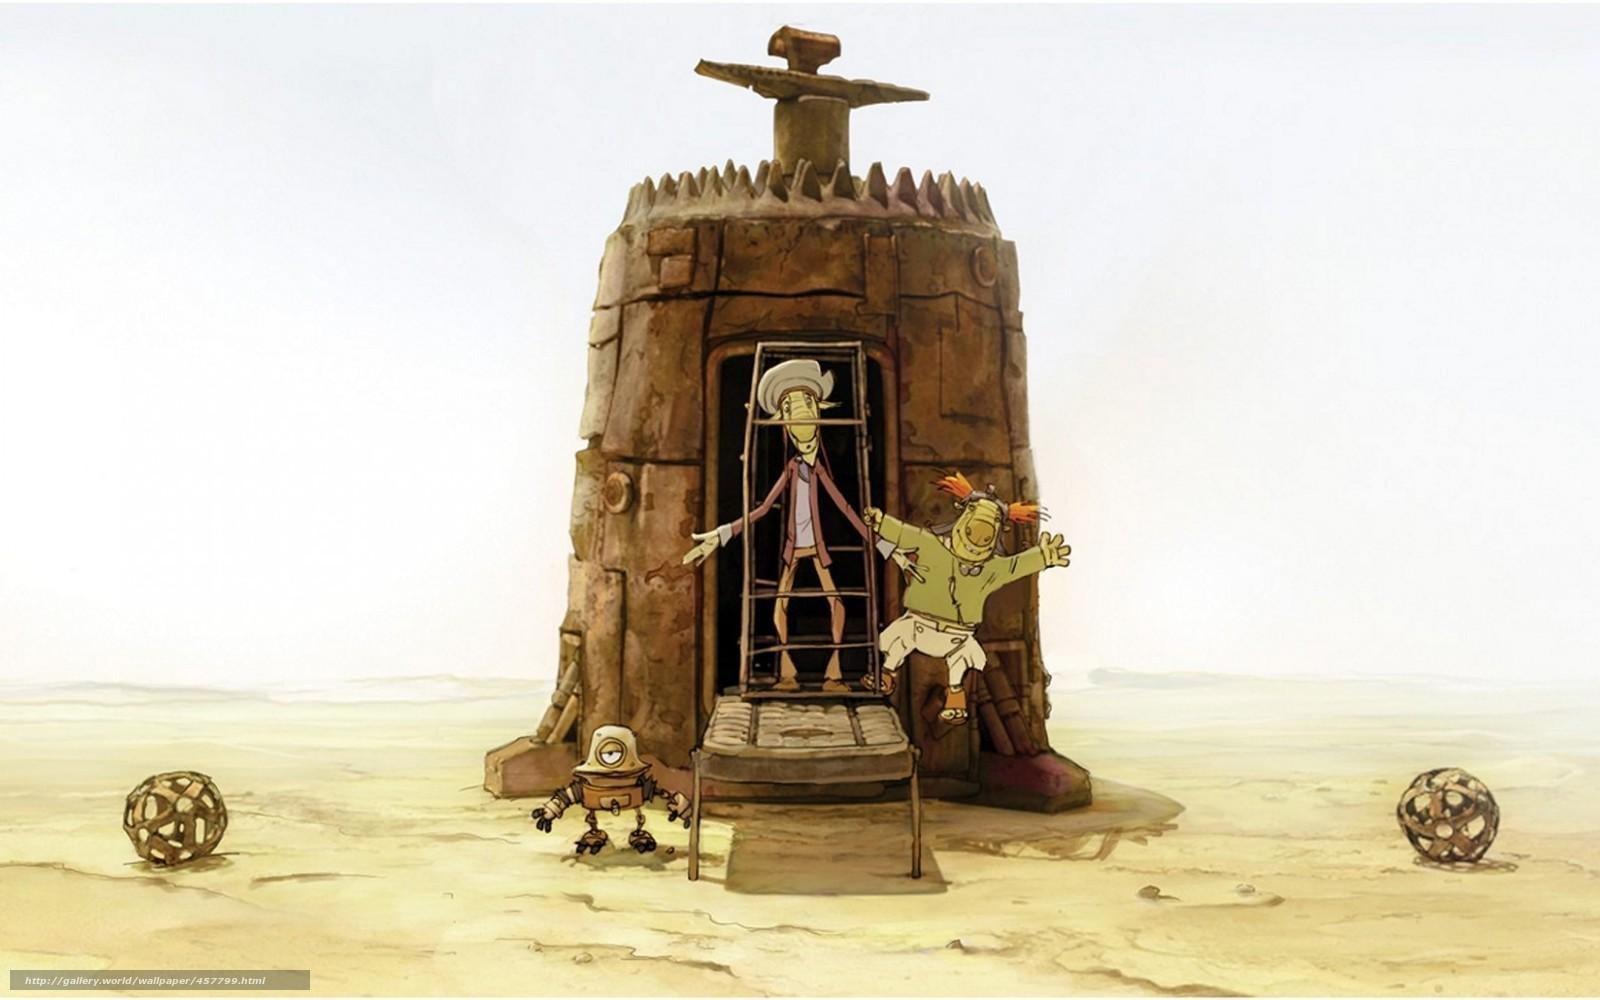 scaricare gli sfondi KinDzaDza-DZA!,  Kin Dza Dza,  Plucker,  cartoni animati Sfondi gratis per la risoluzione del desktop 1680x1050 — immagine №457799